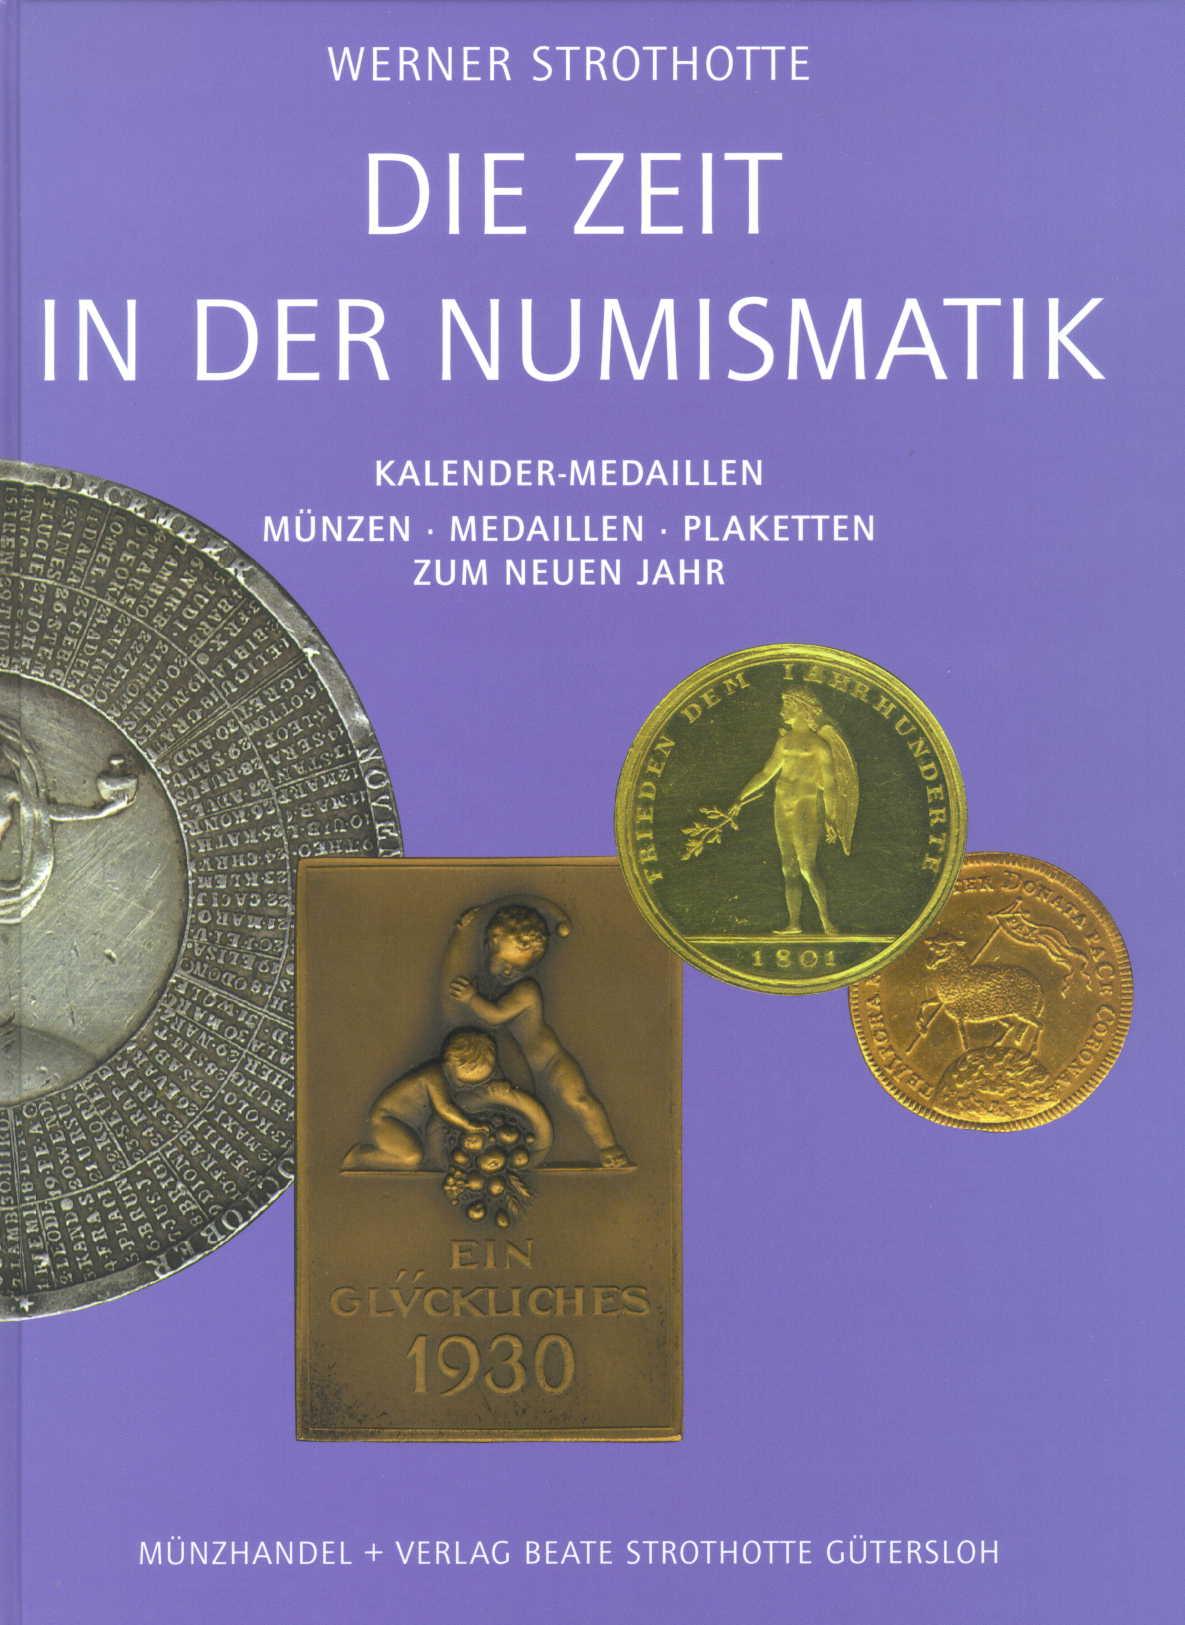 Strothotte Die Zeit in der Numismatik Kalender-Medaillen, Münzen